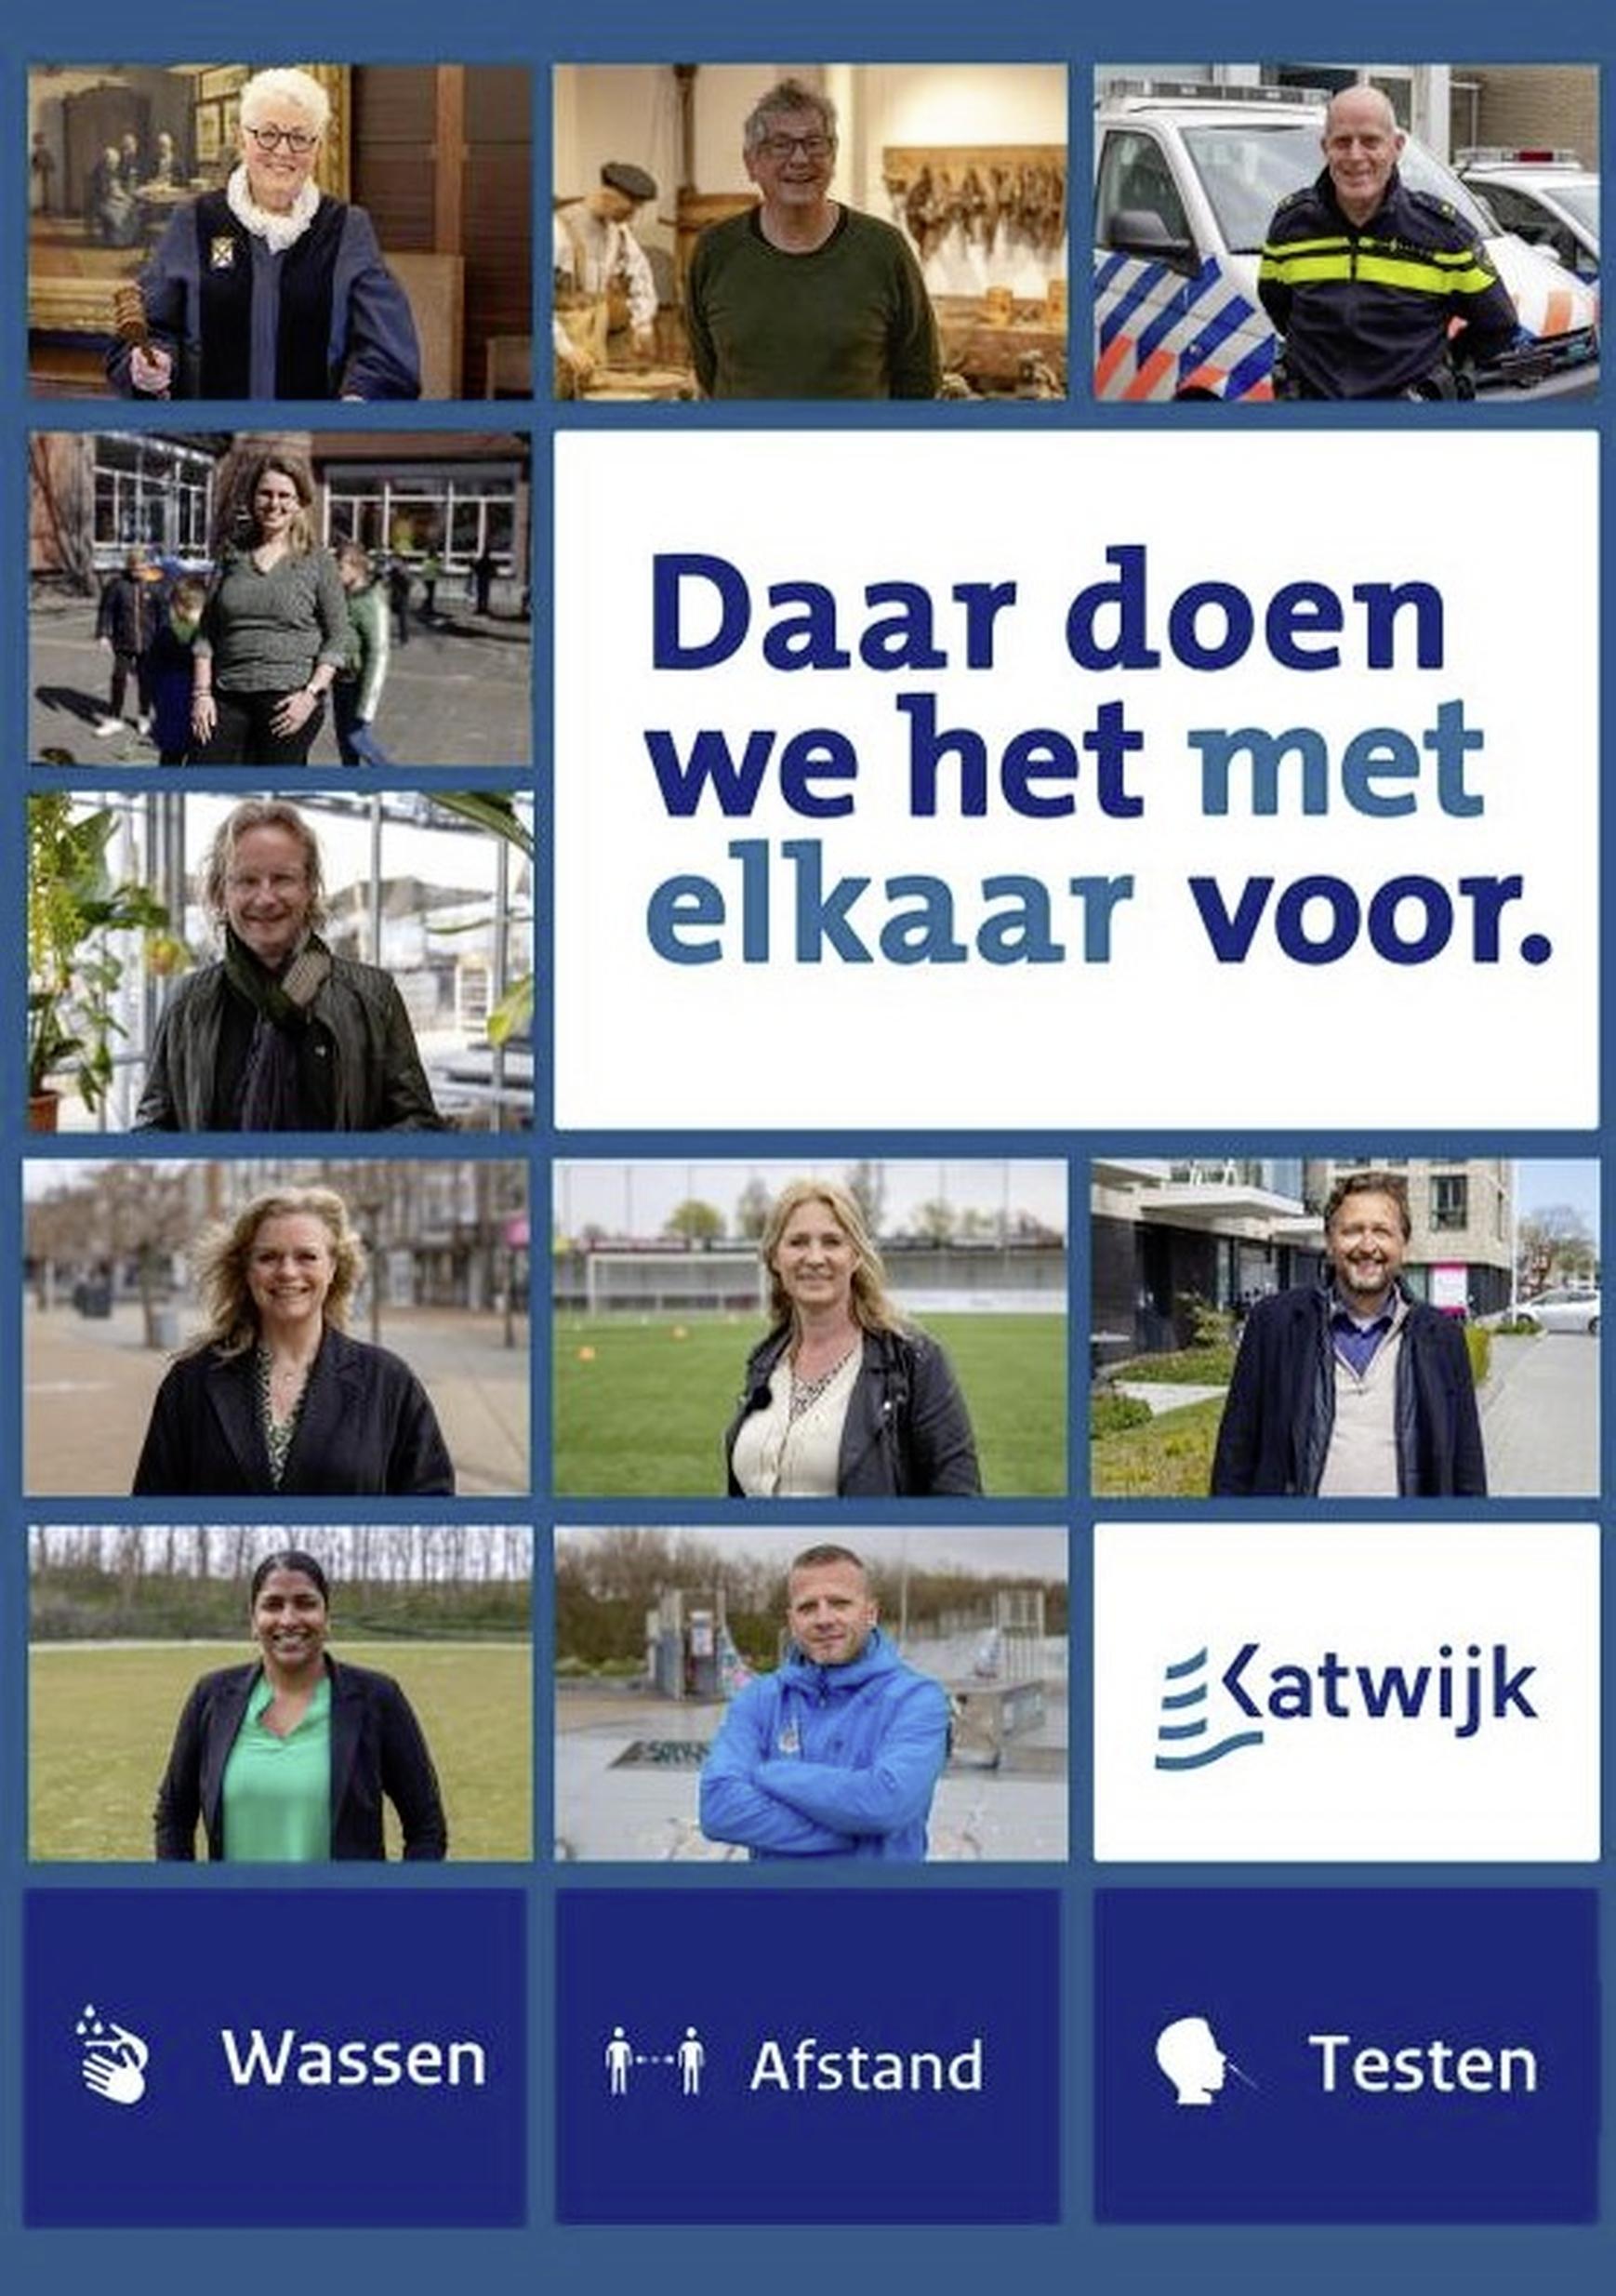 Katwijk doet het 'met elkaar' samen: nieuwe coronacampagne